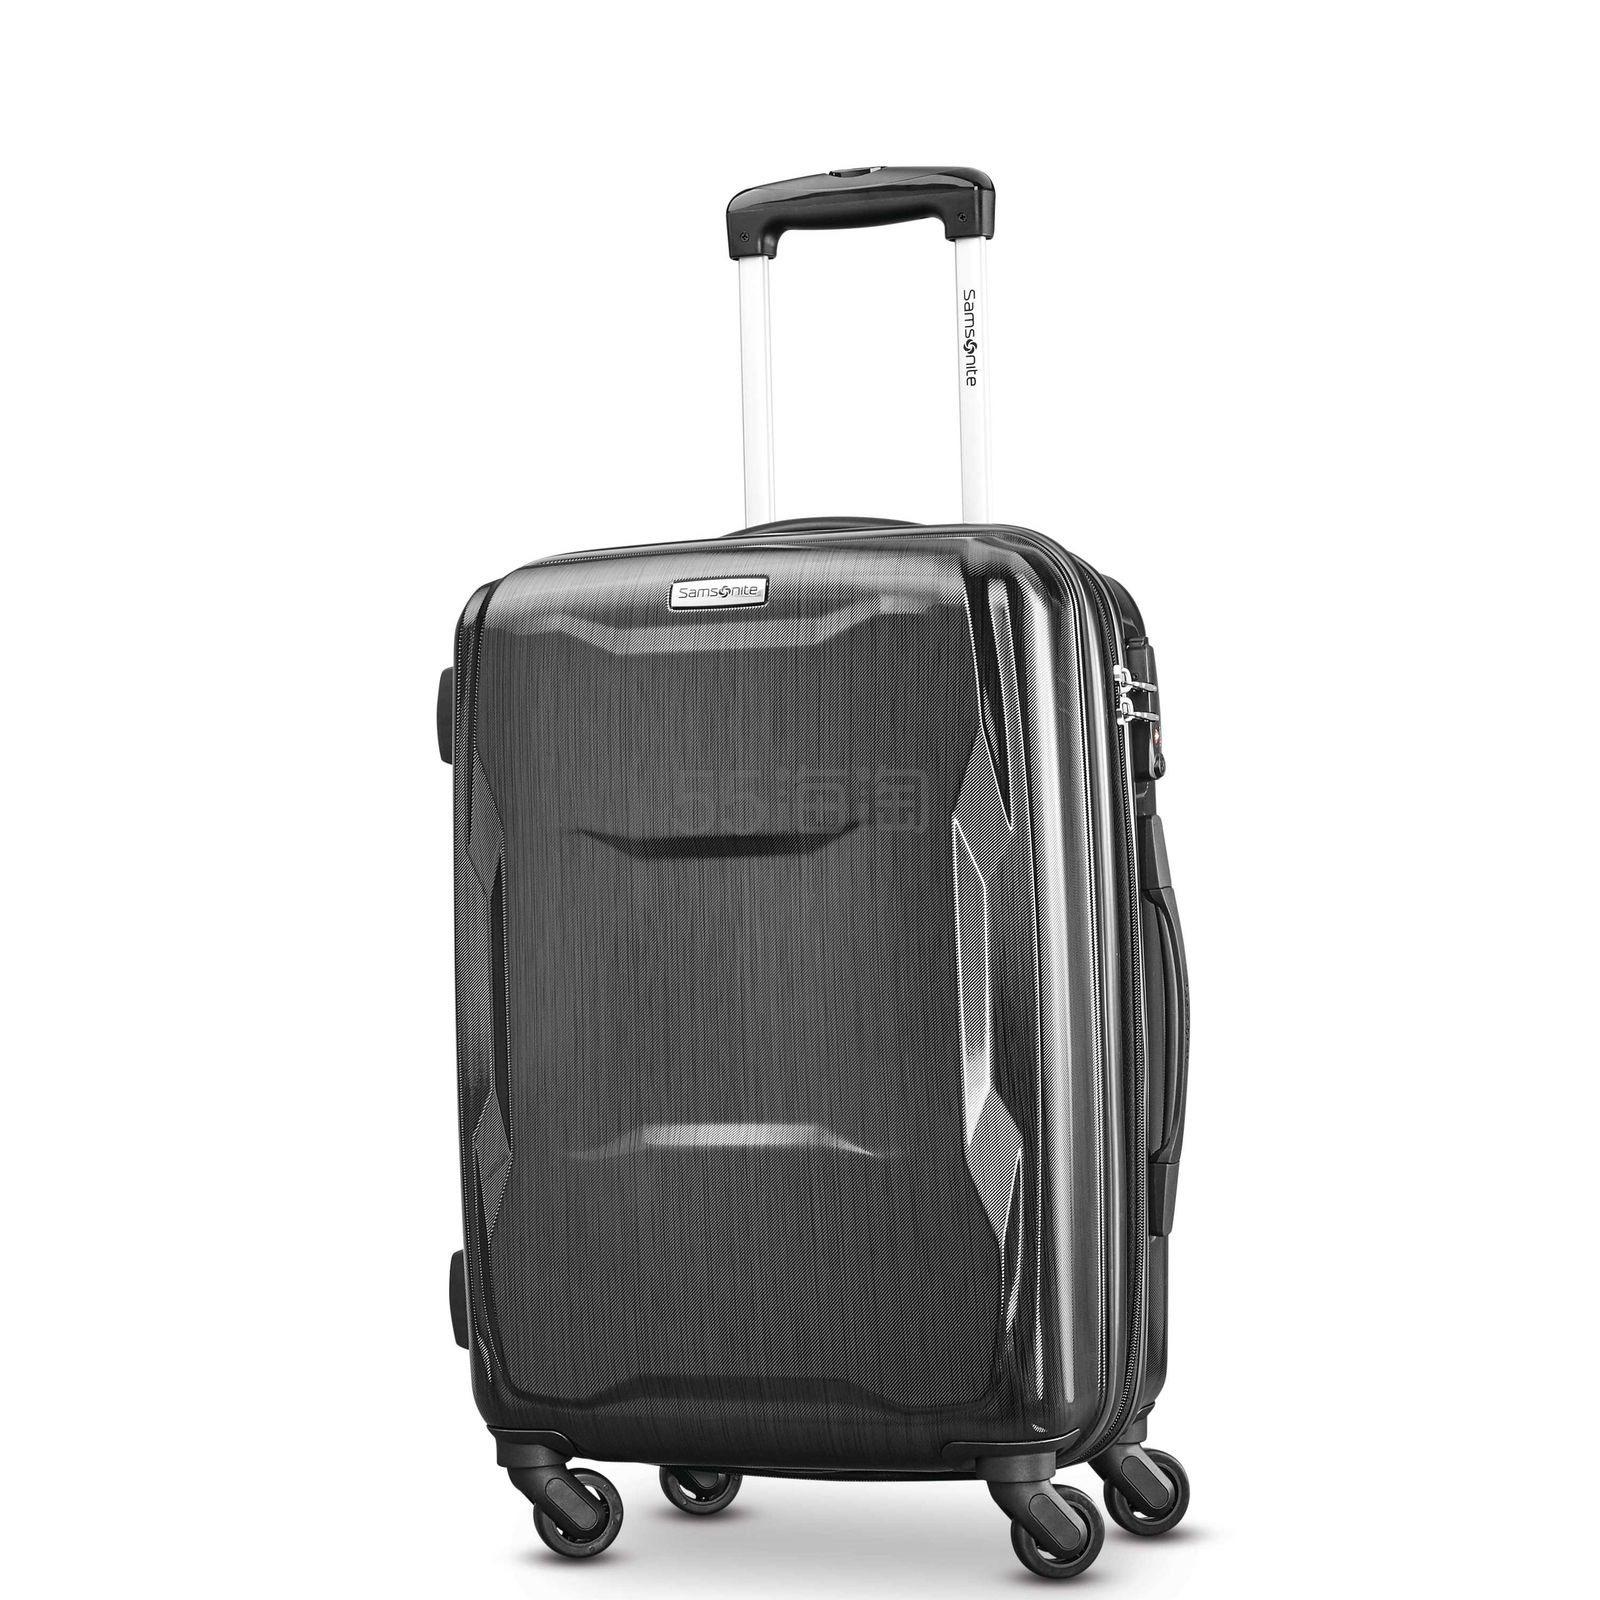 额外9折+最高满减!Samsonite 新秀丽 Pivot 20寸行李箱拉杆箱 多色可选 .49(约397元) - 海淘优惠海淘折扣|55海淘网